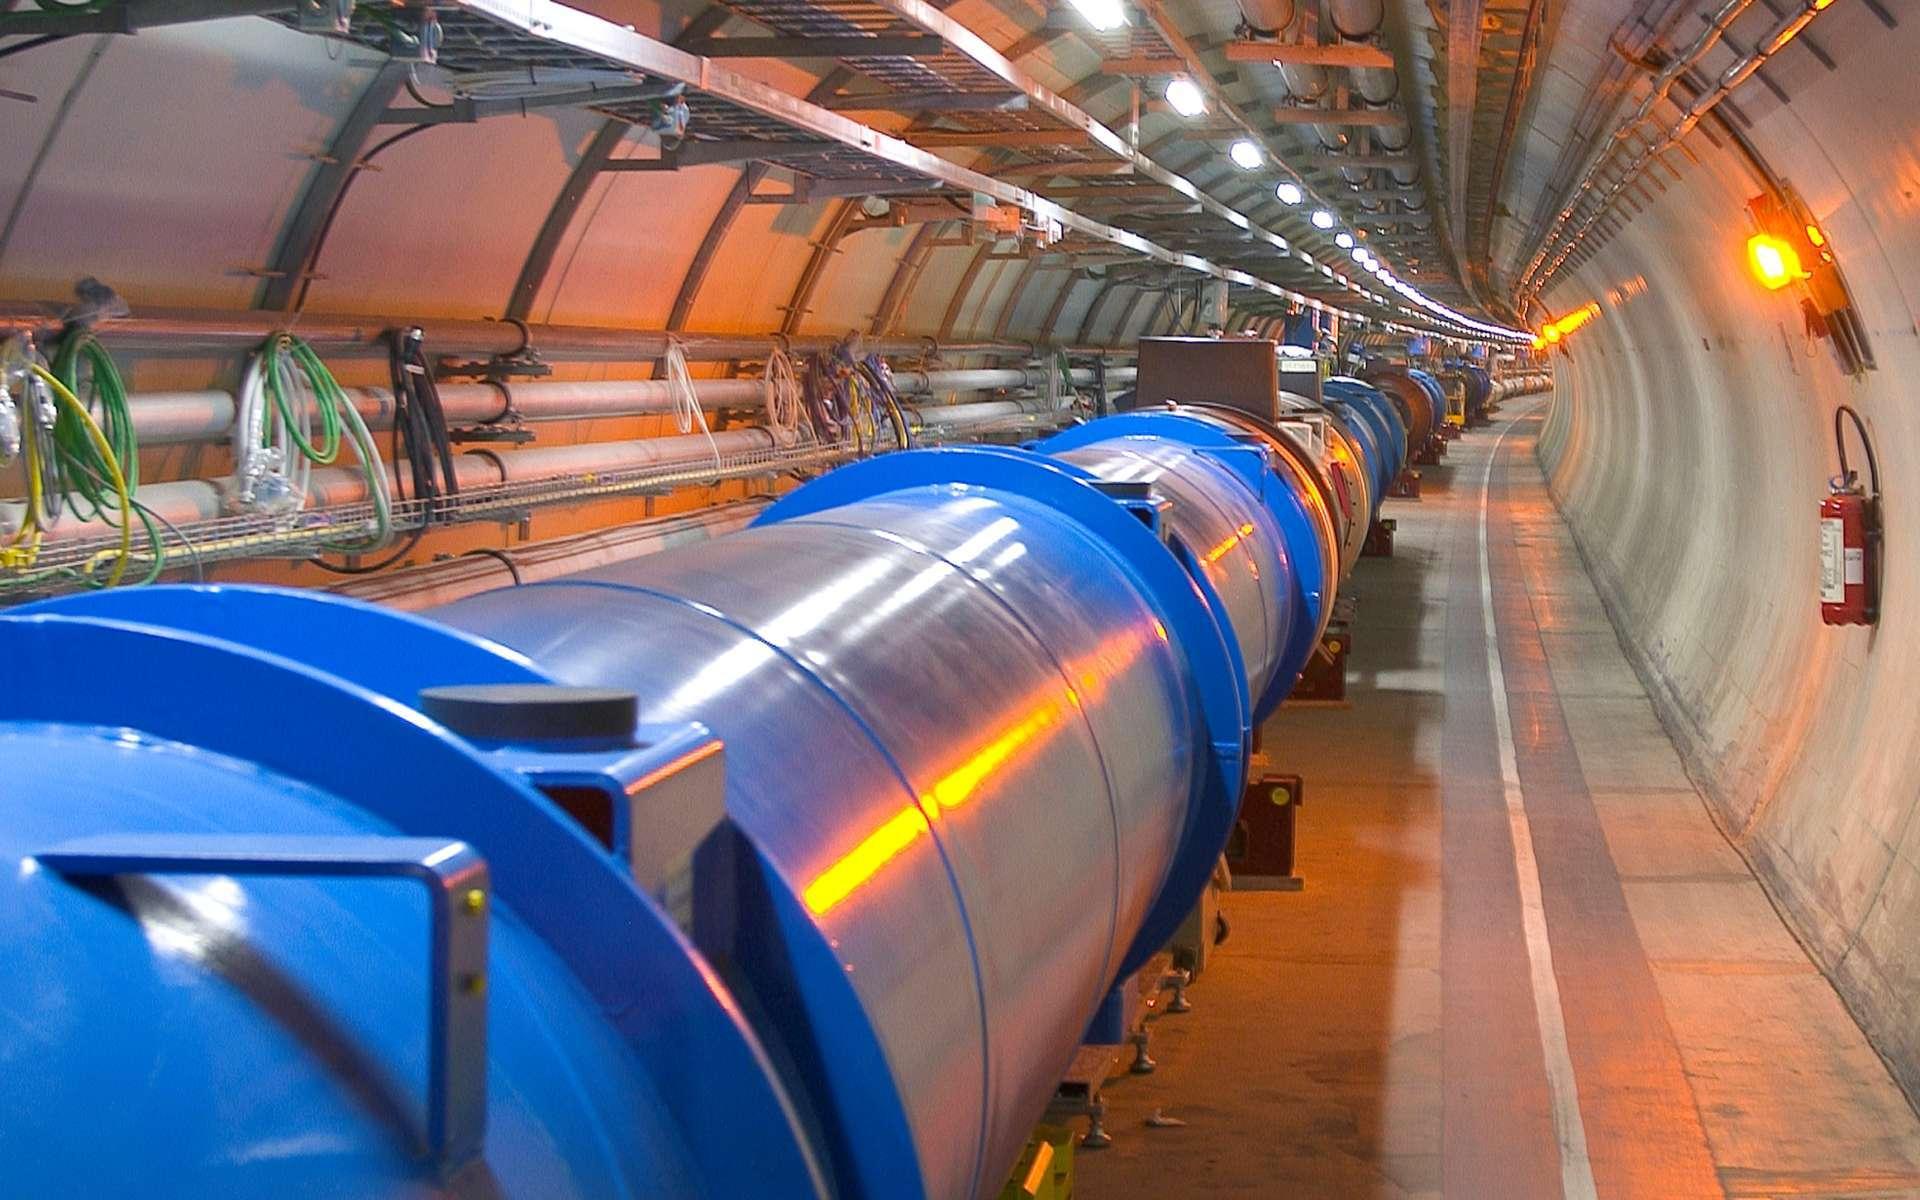 Le LHC dans son tunnel de 27 kilomètres de circonférence. © LHC